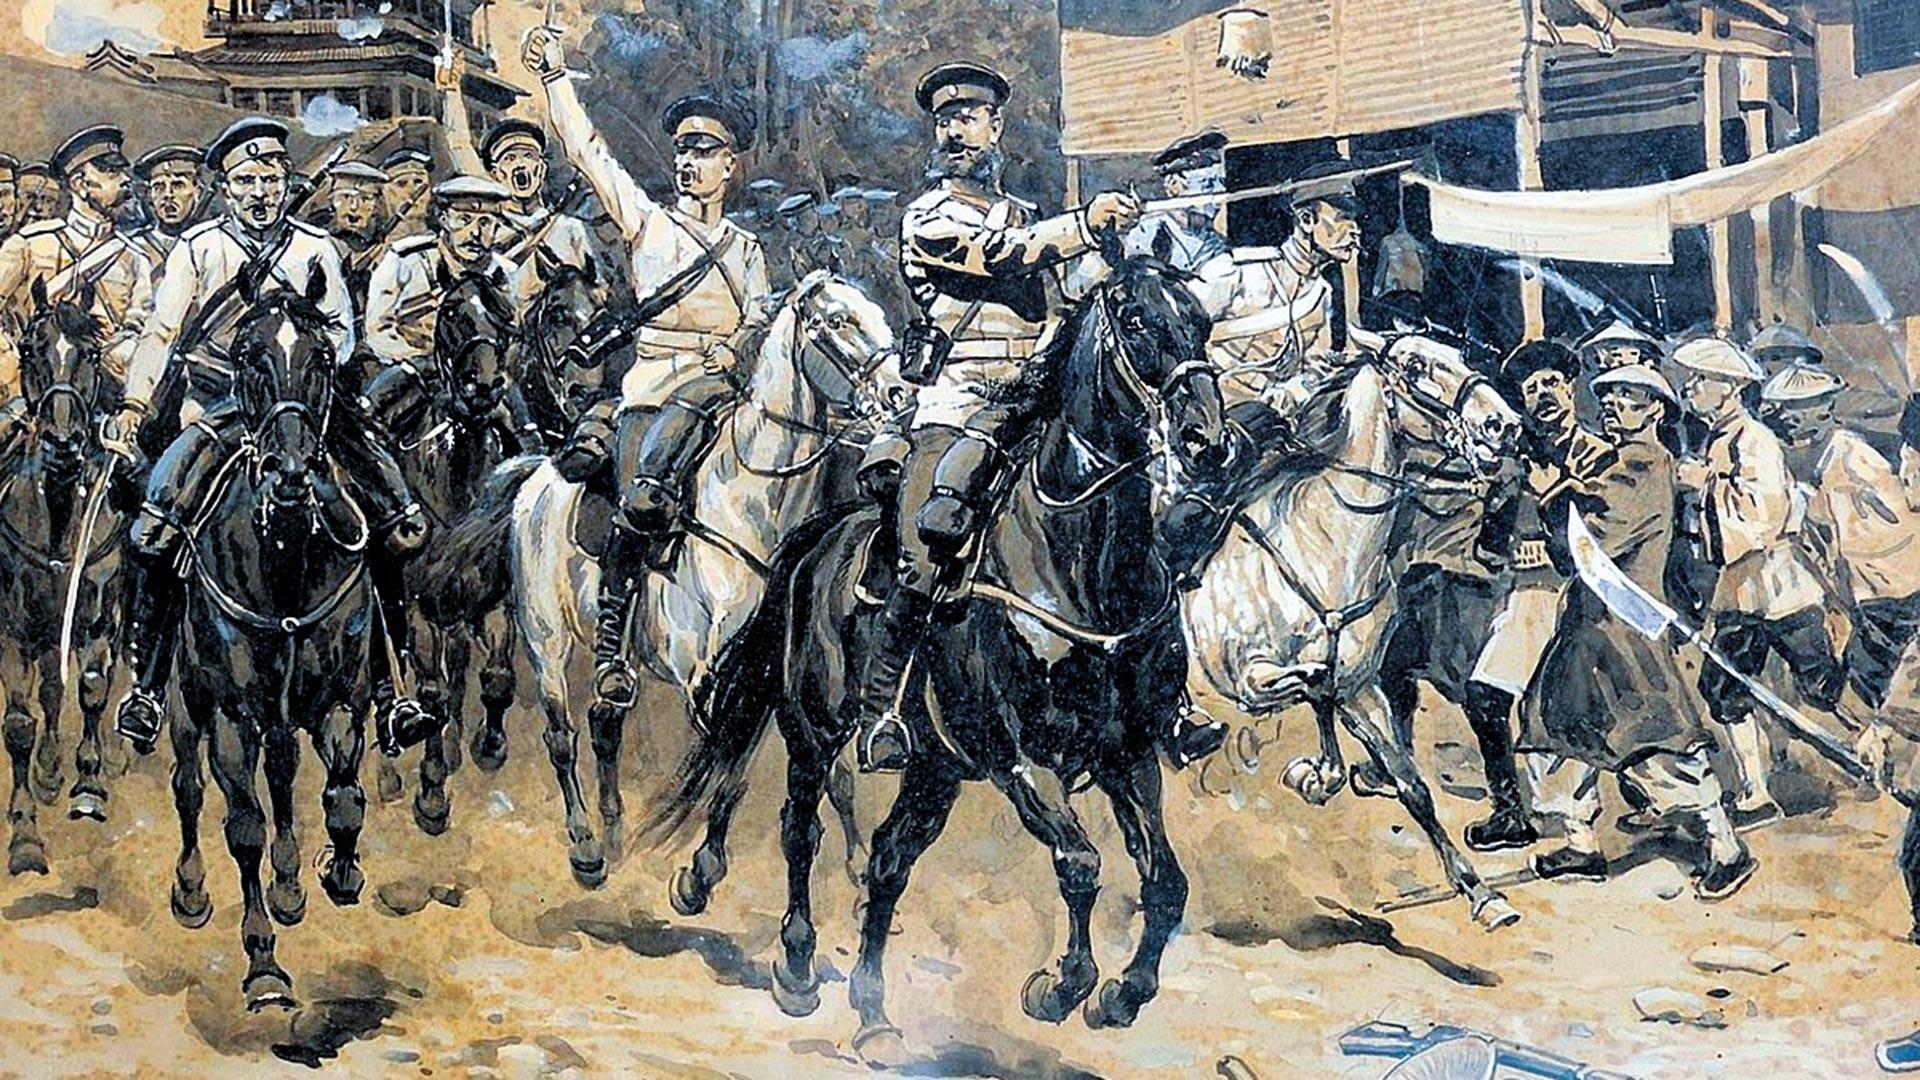 Cavalaria russa.